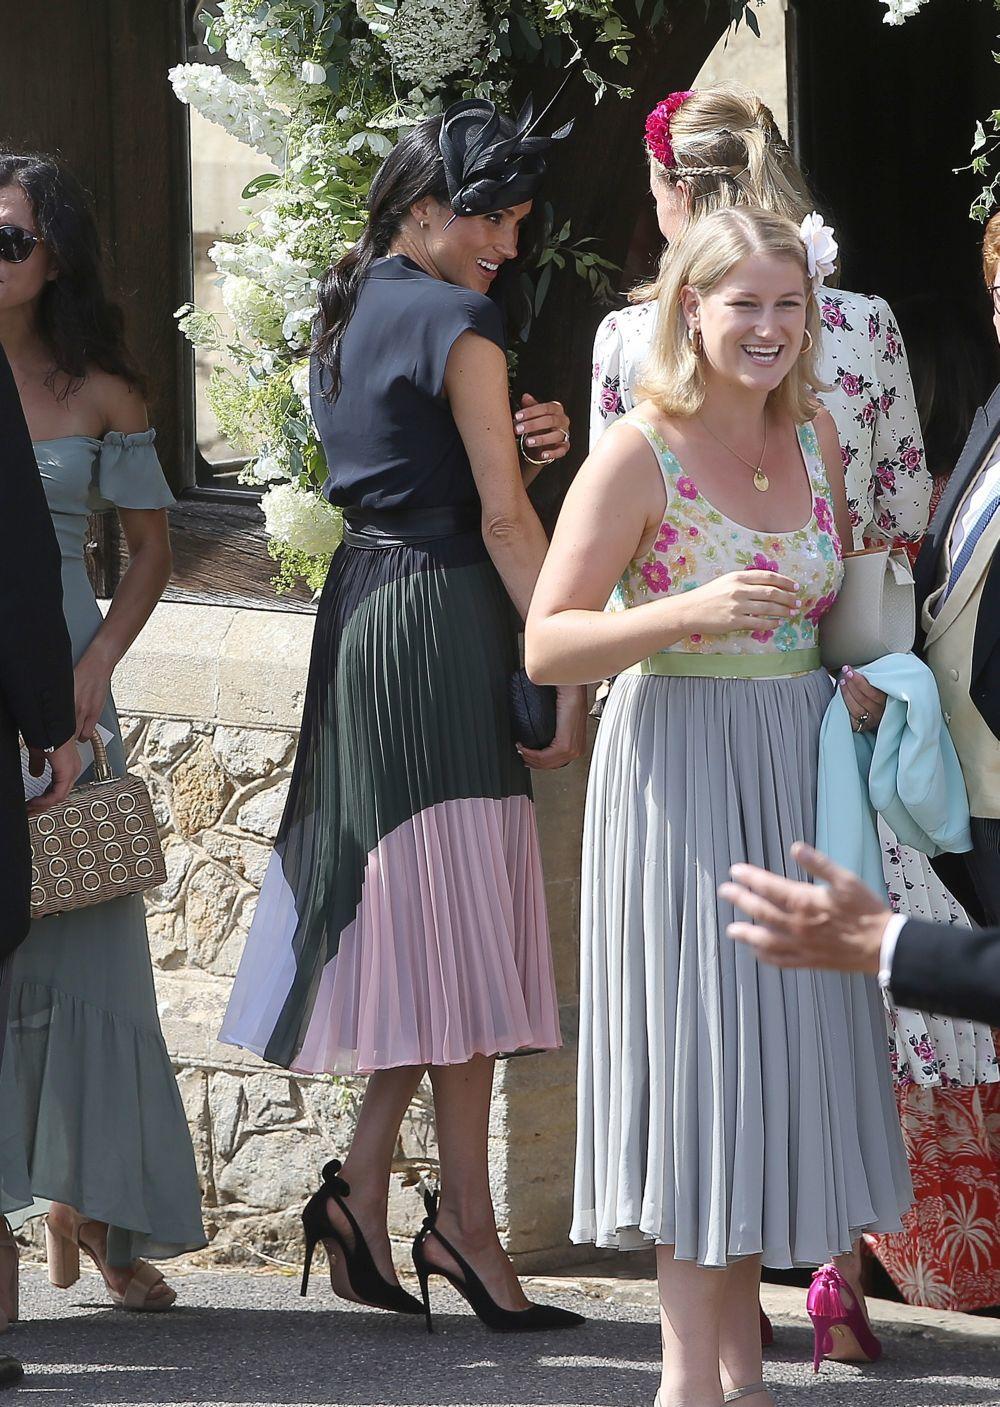 Meghan Markle ha escogido una falda plisada para su look de invitada.